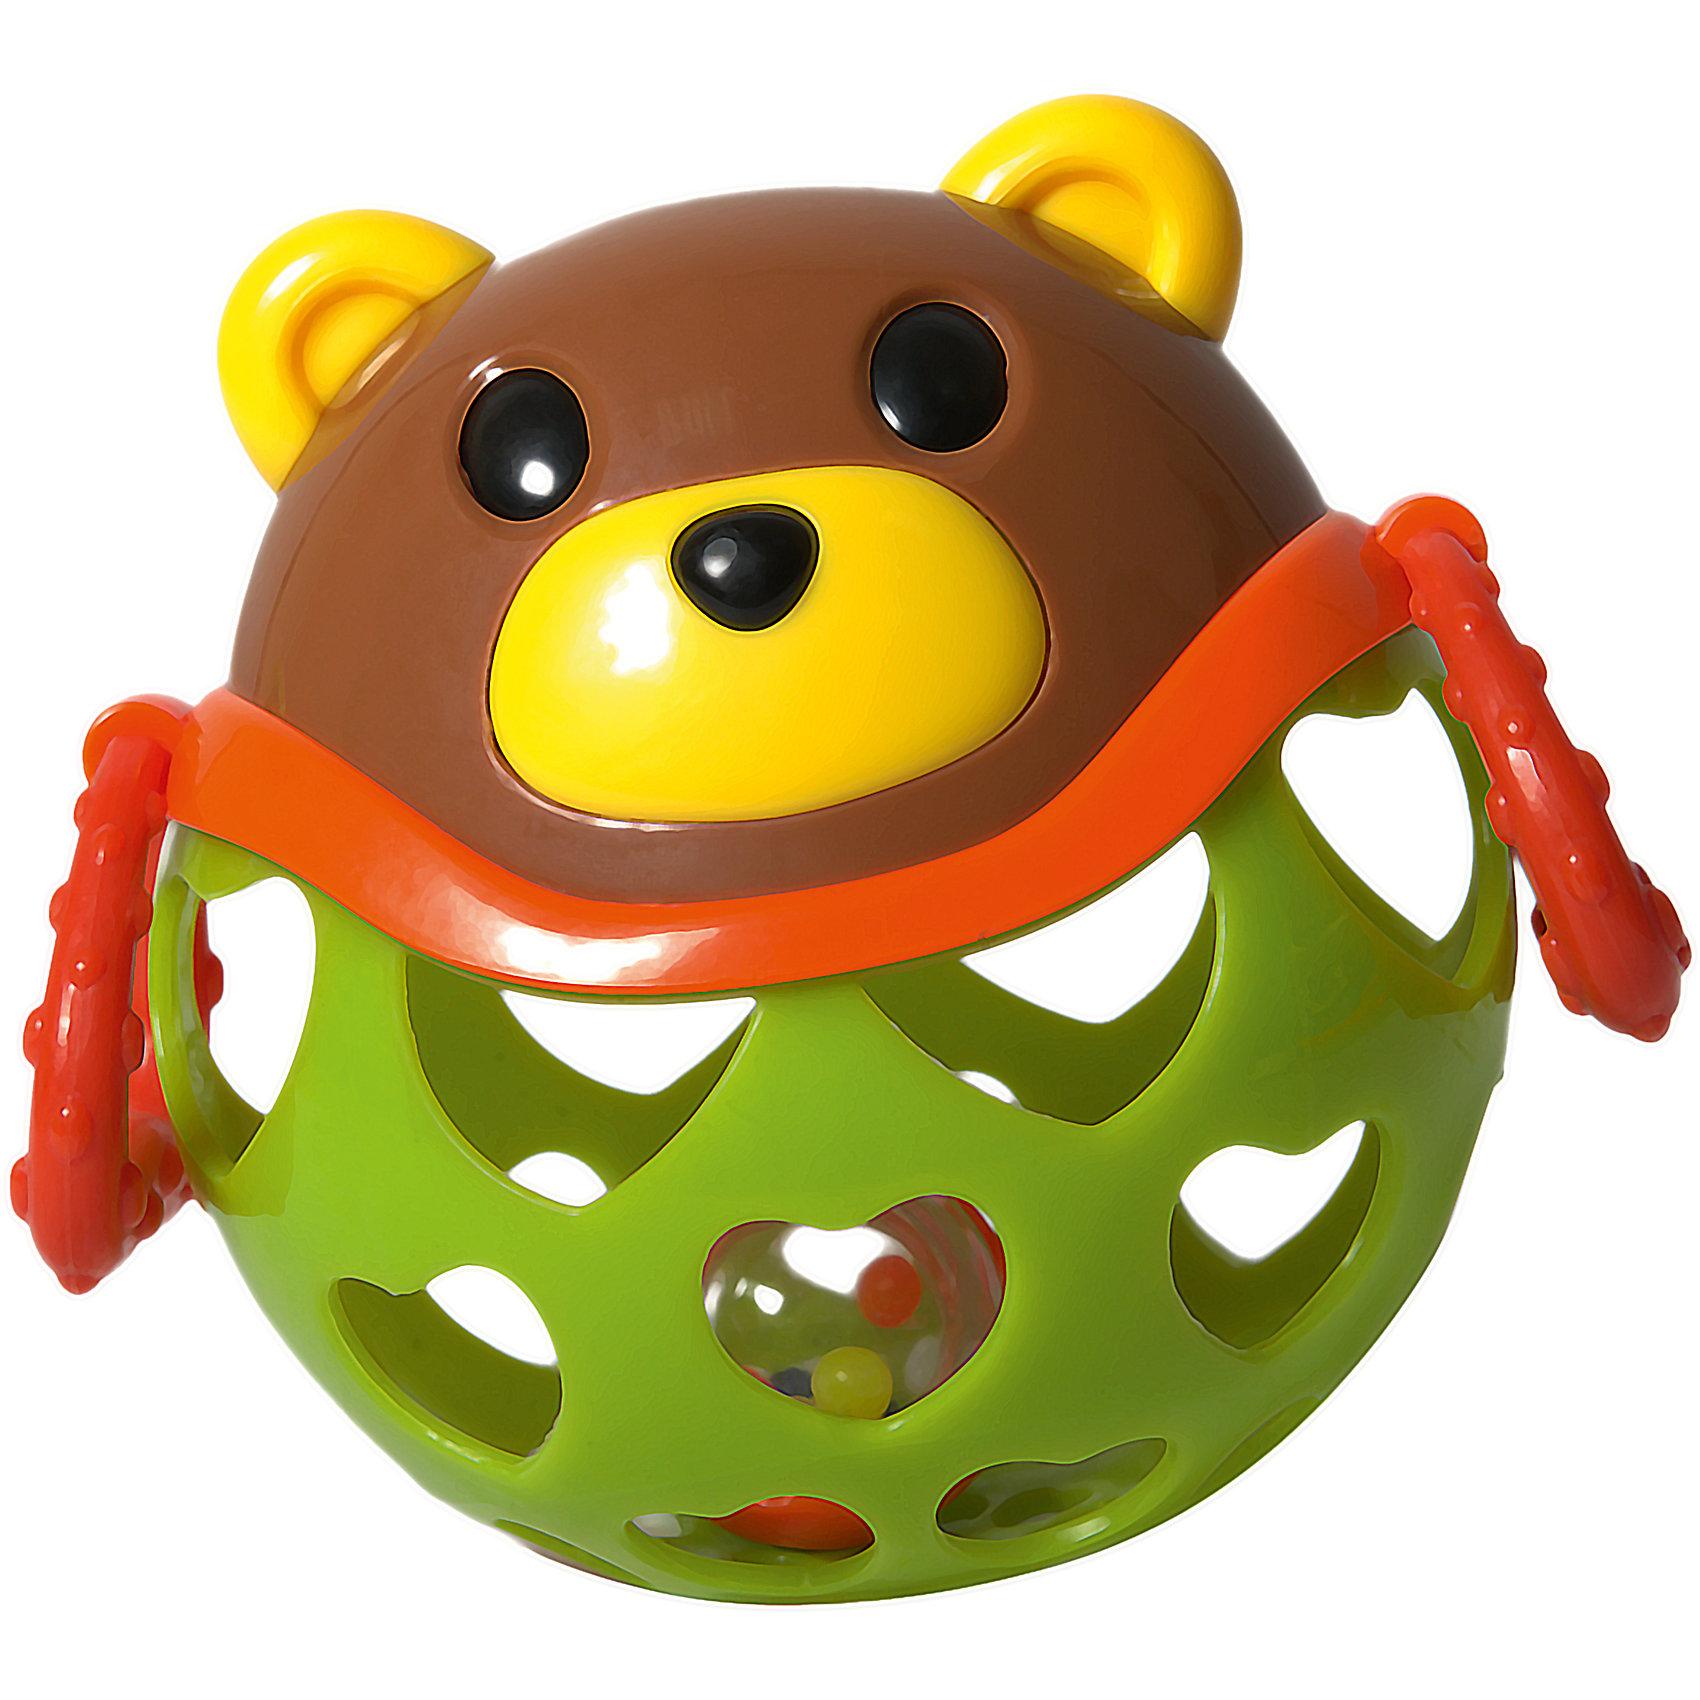 Игрушка-неразбивайка Медведь, Baby TrendРазвивающие игрушки<br>Смешной медвежонок – играй, веселись и развивайся!<br><br>Внутри игрушки спрятана погремушка, которая издают забавнёт звуки, когда малыш трясёт её<br>Рельефные ручки можно использовать в качестве прорезывателей для зубок – они успокоят нежные дёсны малыша<br>Благодаря уникальной форме игрушку удобно держать маленькими пальчиками<br>Выполнена из мягкого гибкого пластика<br>Развивает моторику, слух, зрение<br><br>Размер игрушки: 11 х 11,5 см х 7,5 см<br>Размер упаковки: 16,5 х 11,5 х 7,5 см<br><br>Ширина мм: 140<br>Глубина мм: 135<br>Высота мм: 105<br>Вес г: 181<br>Возраст от месяцев: 3<br>Возраст до месяцев: 2147483647<br>Пол: Унисекс<br>Возраст: Детский<br>SKU: 6872169